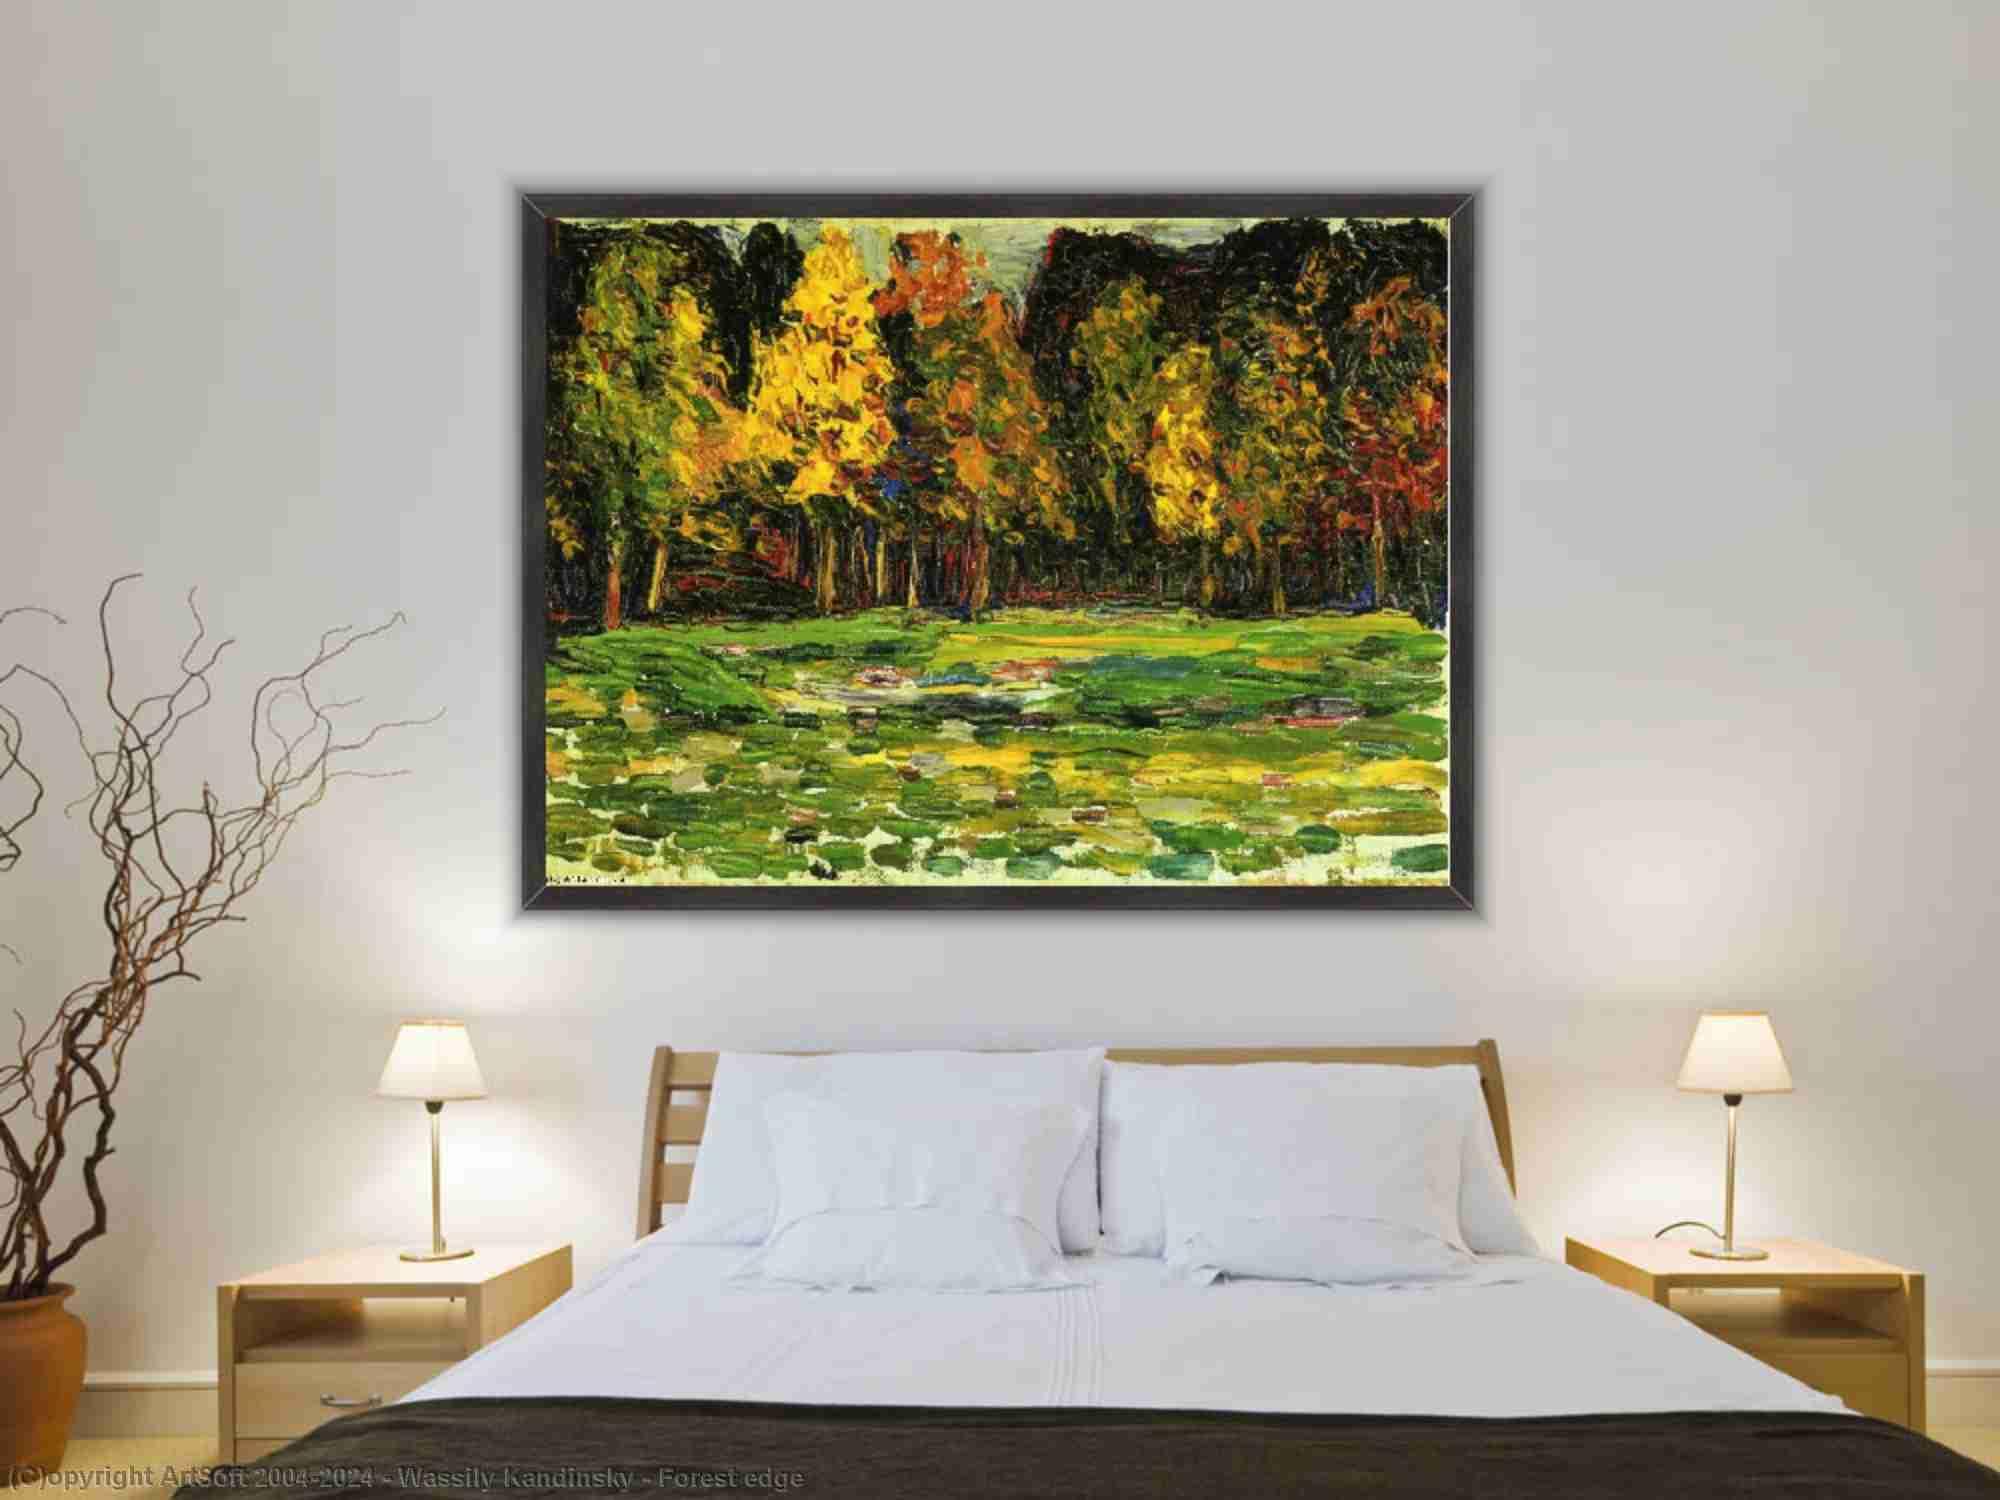 Wassily Kandinsky - Borda da floresta